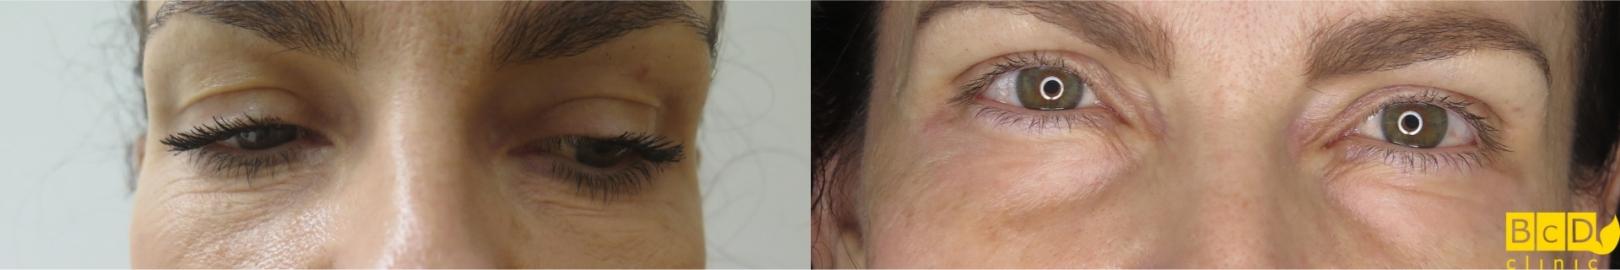 Odstranění vrásek pod očima Frakčním Co2 laserem - před a po zákroku